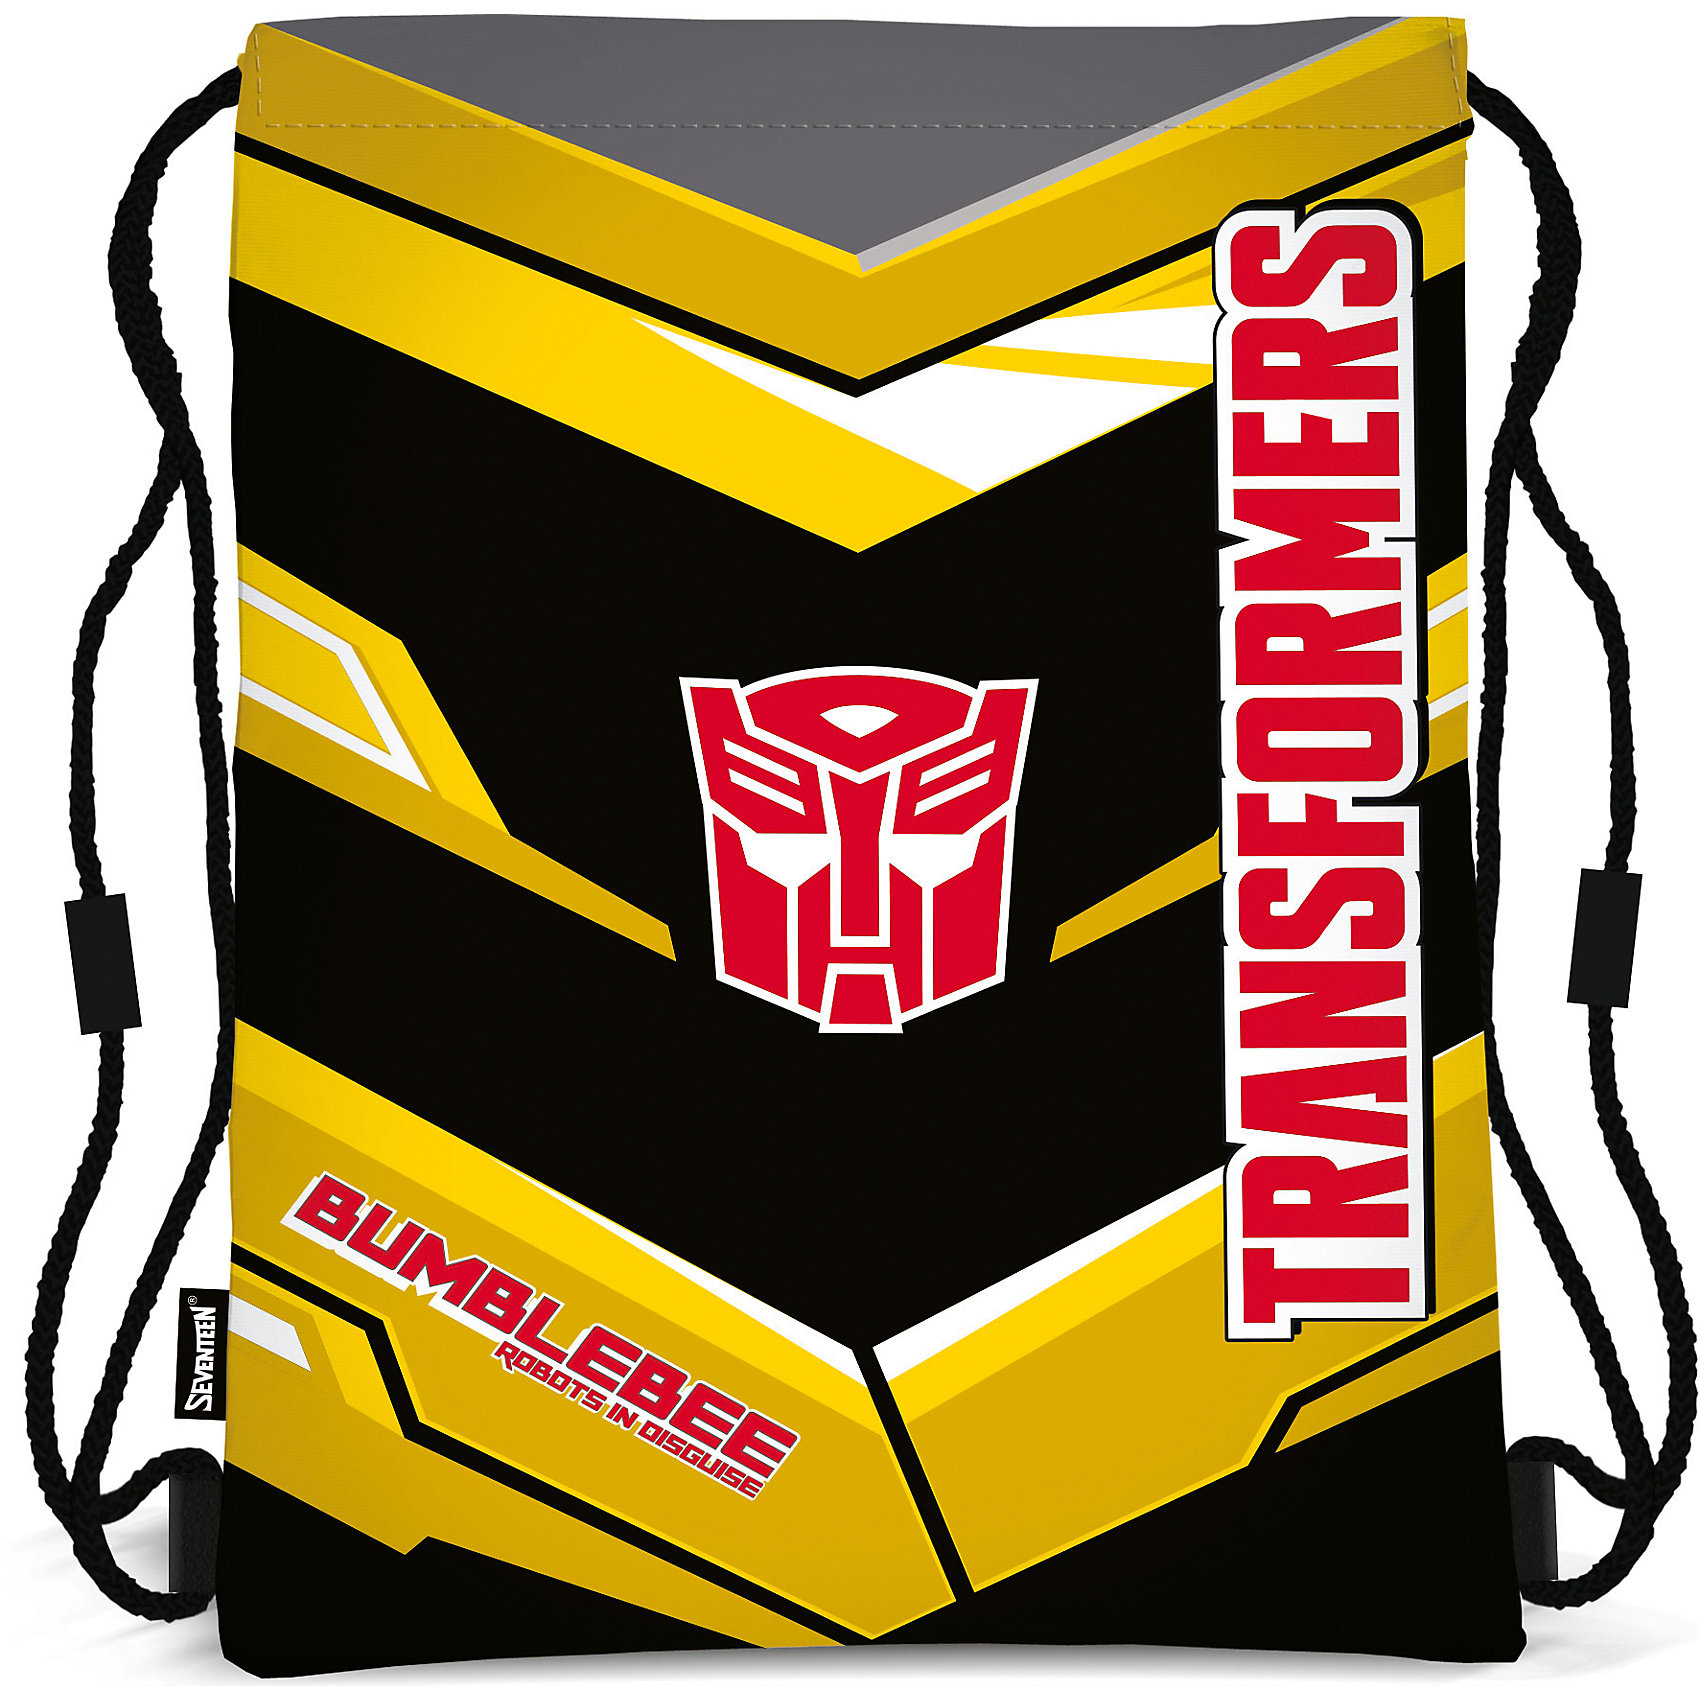 Академия групп Сумка-рюкзак для обуви Трансформеры мешок для обуви академия групп transformers 43 34см trbb ut1 883